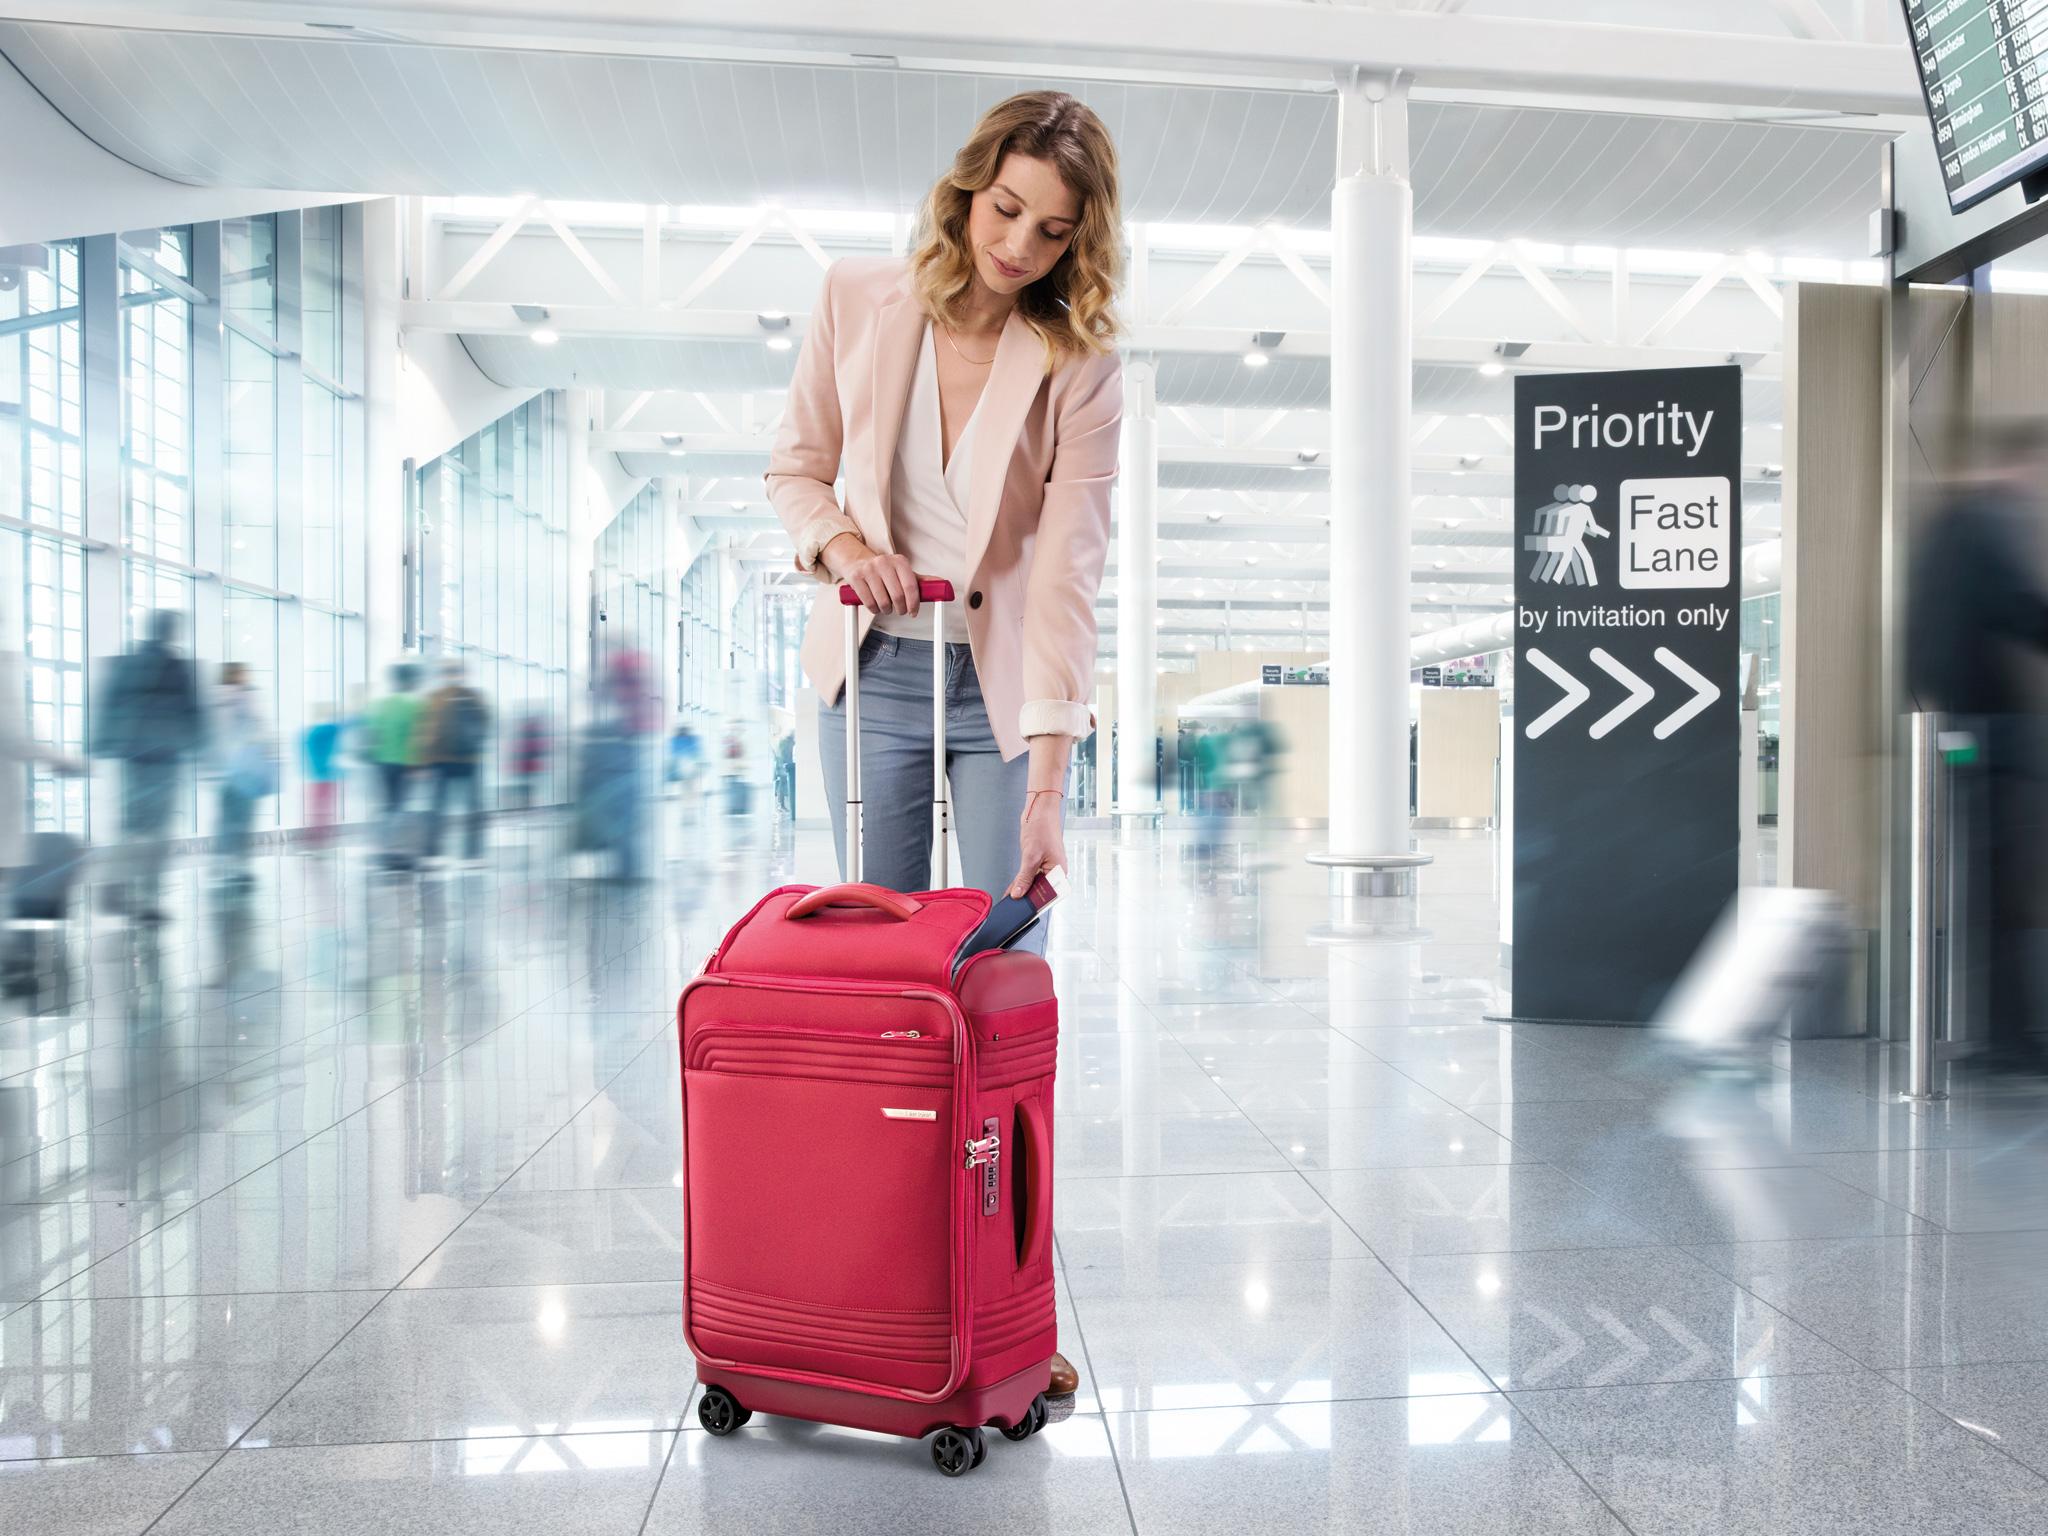 Лучшие тканевые чемоданы на колесах хорошего качества по надежности